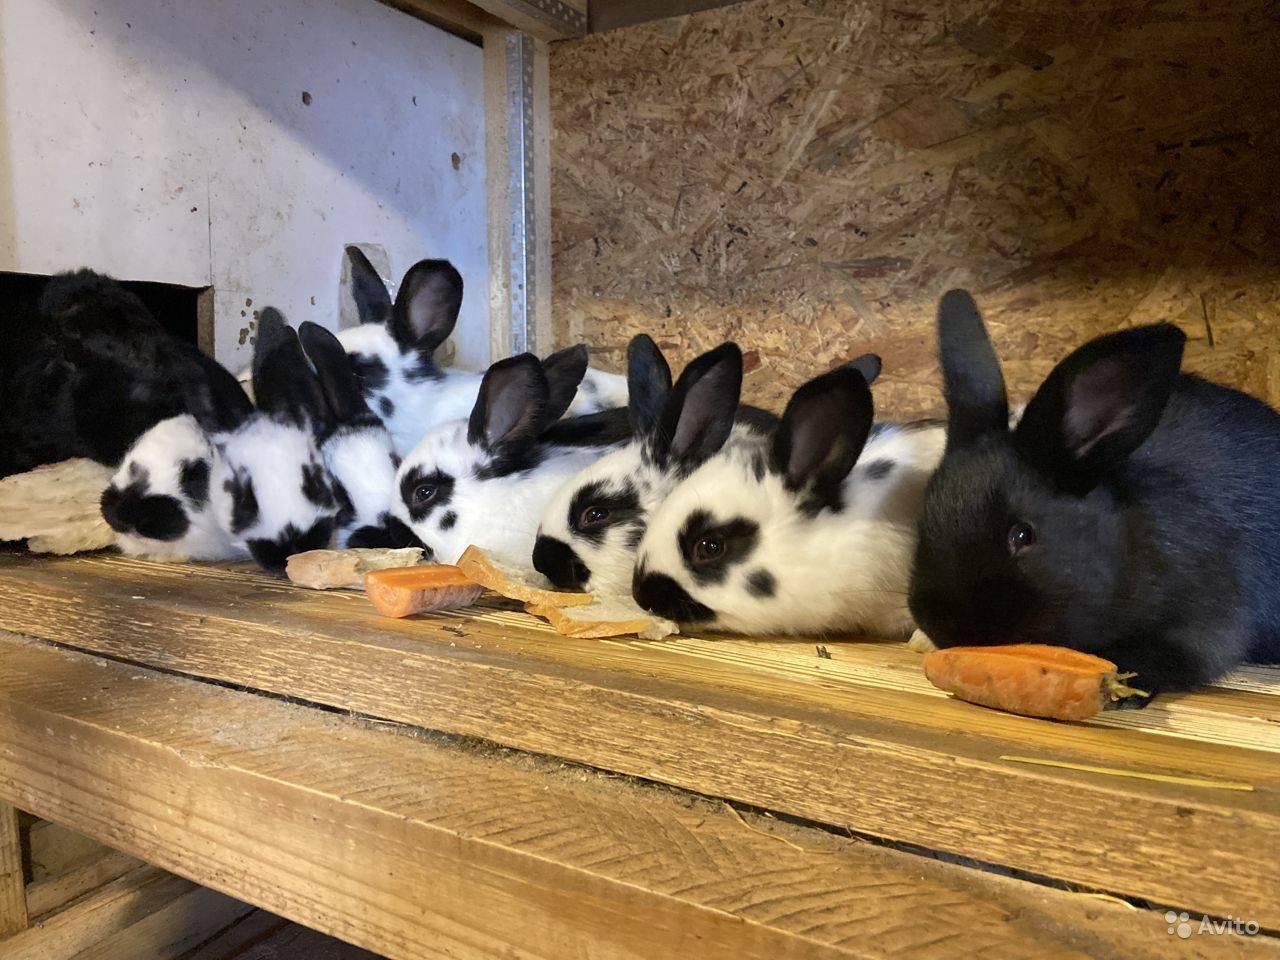 Кролики строкачи (36 фото): описание немецкой породы строкач, характеристика внешности, особенности разведения, отзывы владельцев